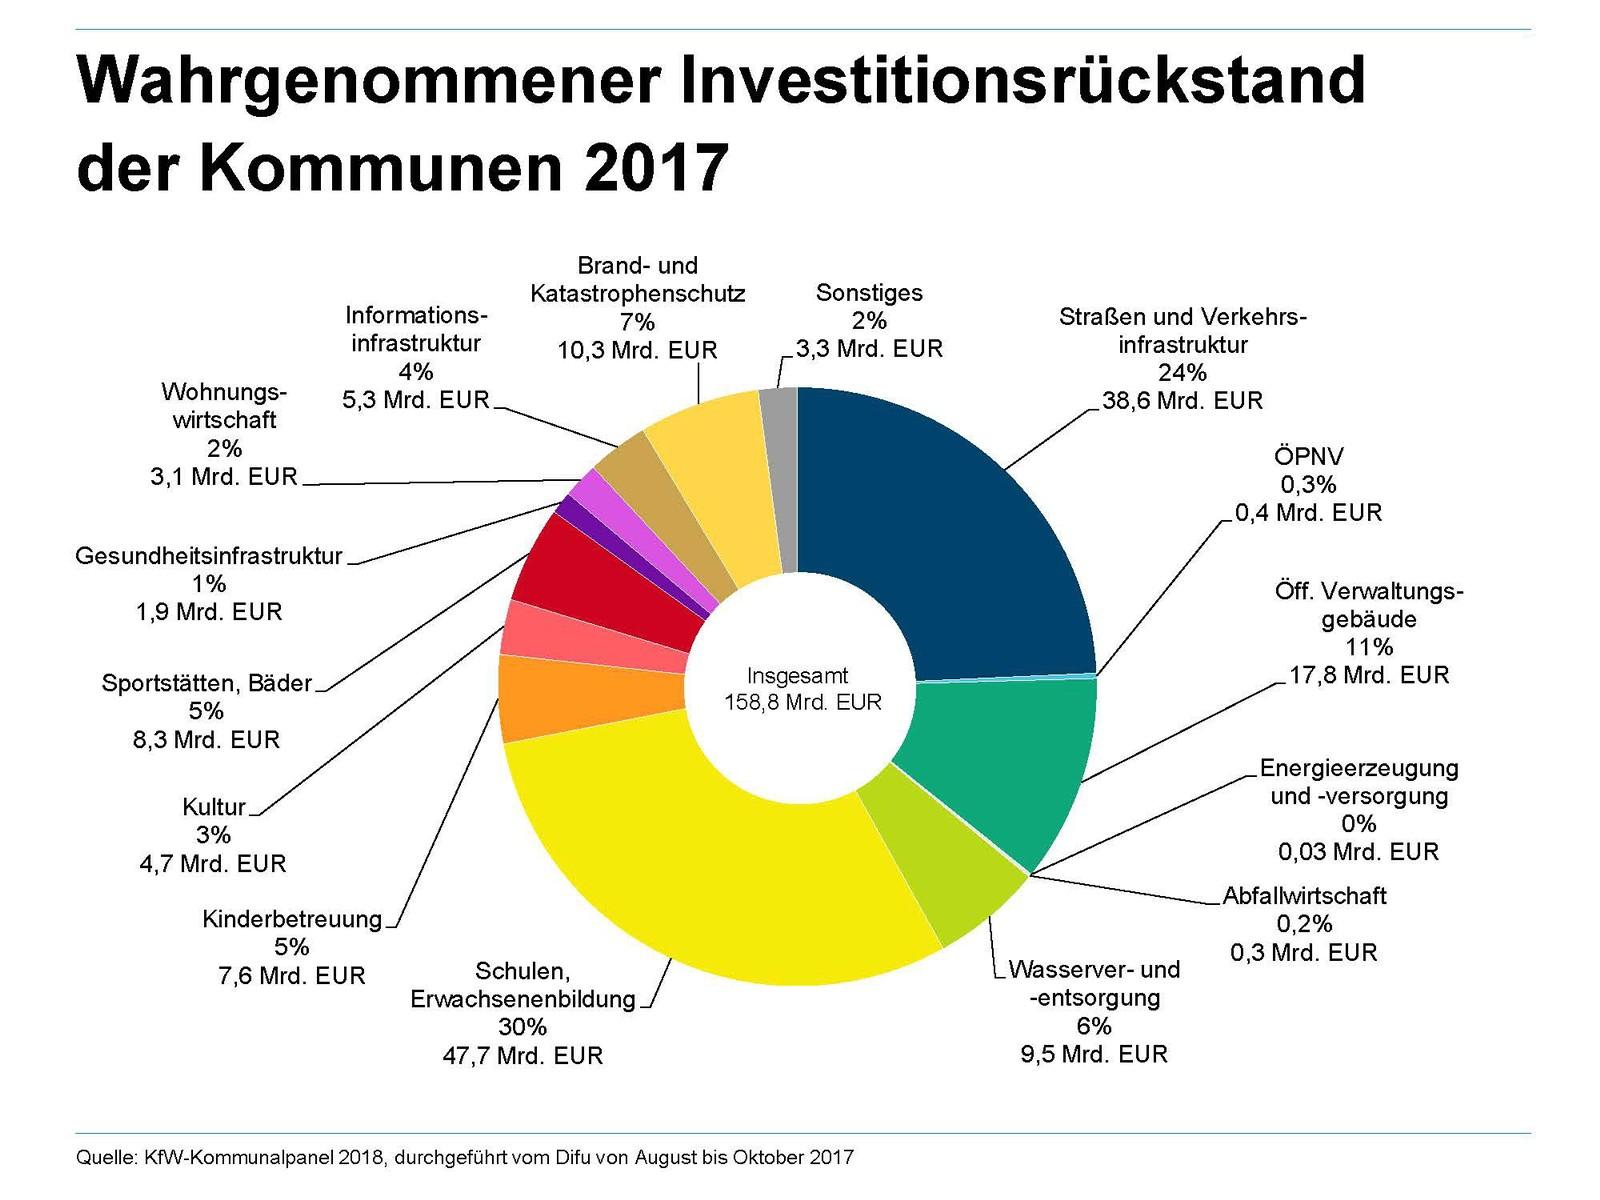 Überblick über die Investitionsrückstände der Kommunen